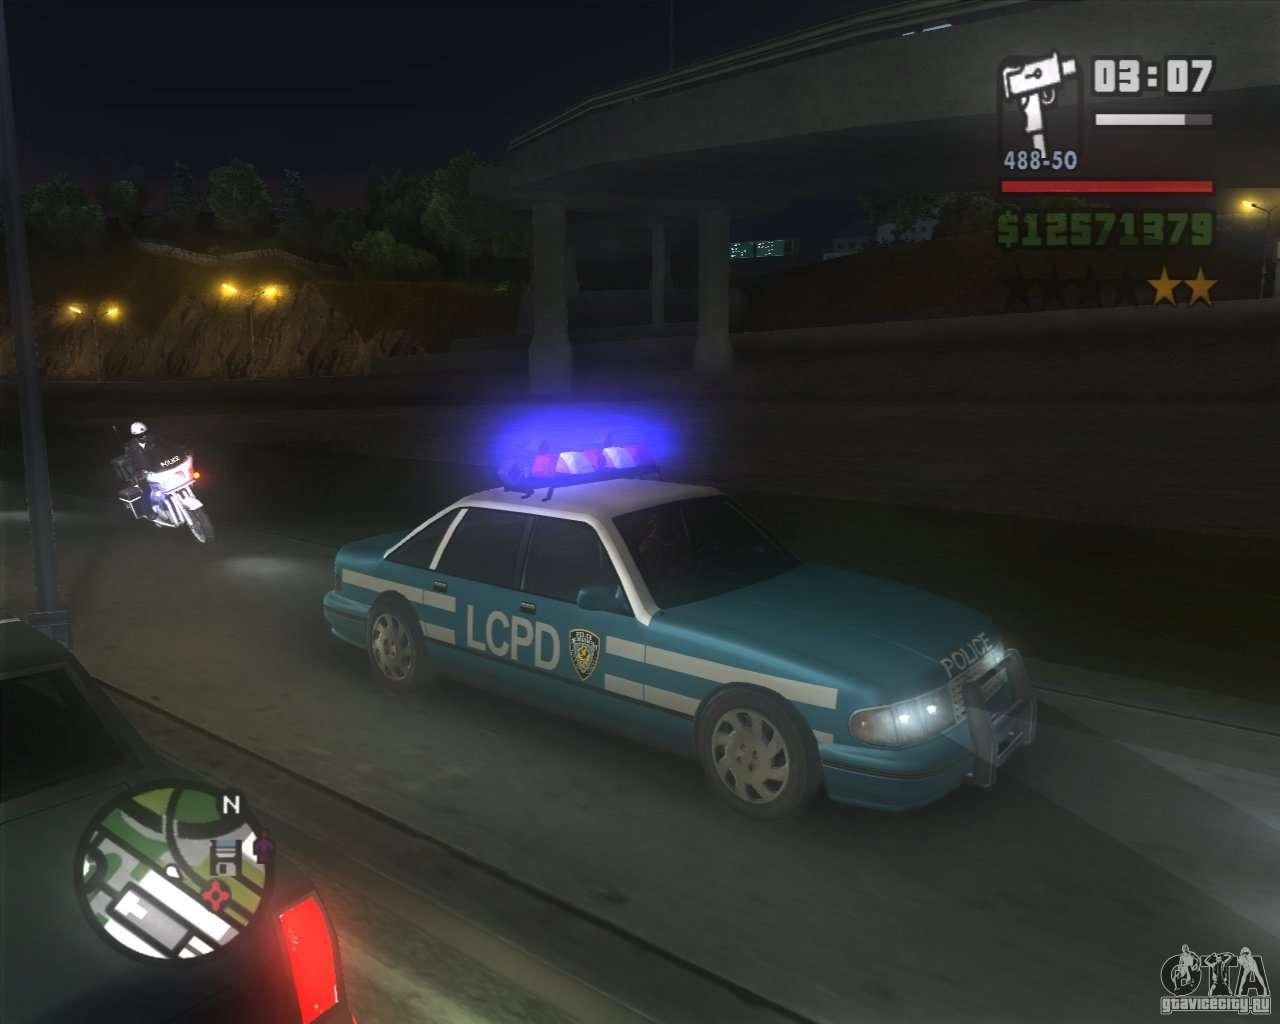 GTA3 HD Vehicles Tri-Pack III v 1 1 for GTA San Andreas